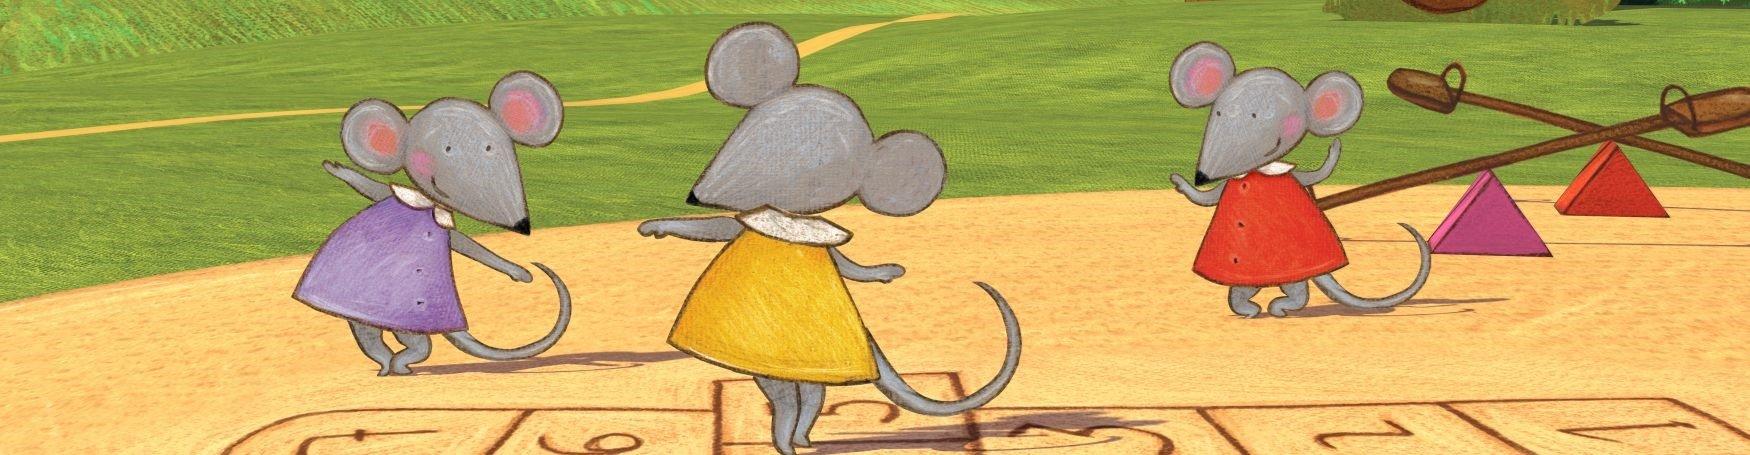 Zabawy w małym kinie - pokaz animacji dla dzieci